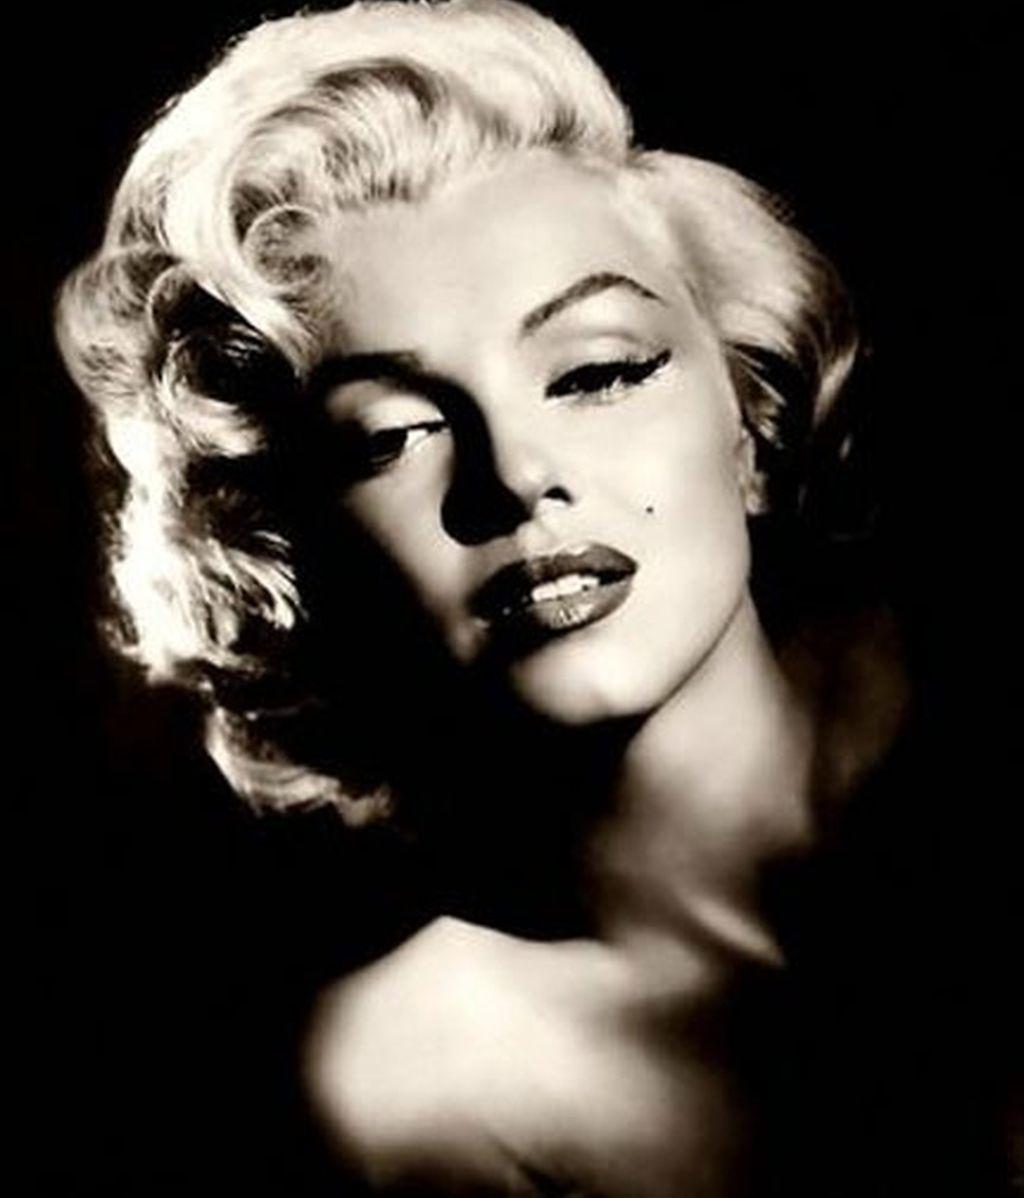 Marilyn Monroe = Norma Jean Baker